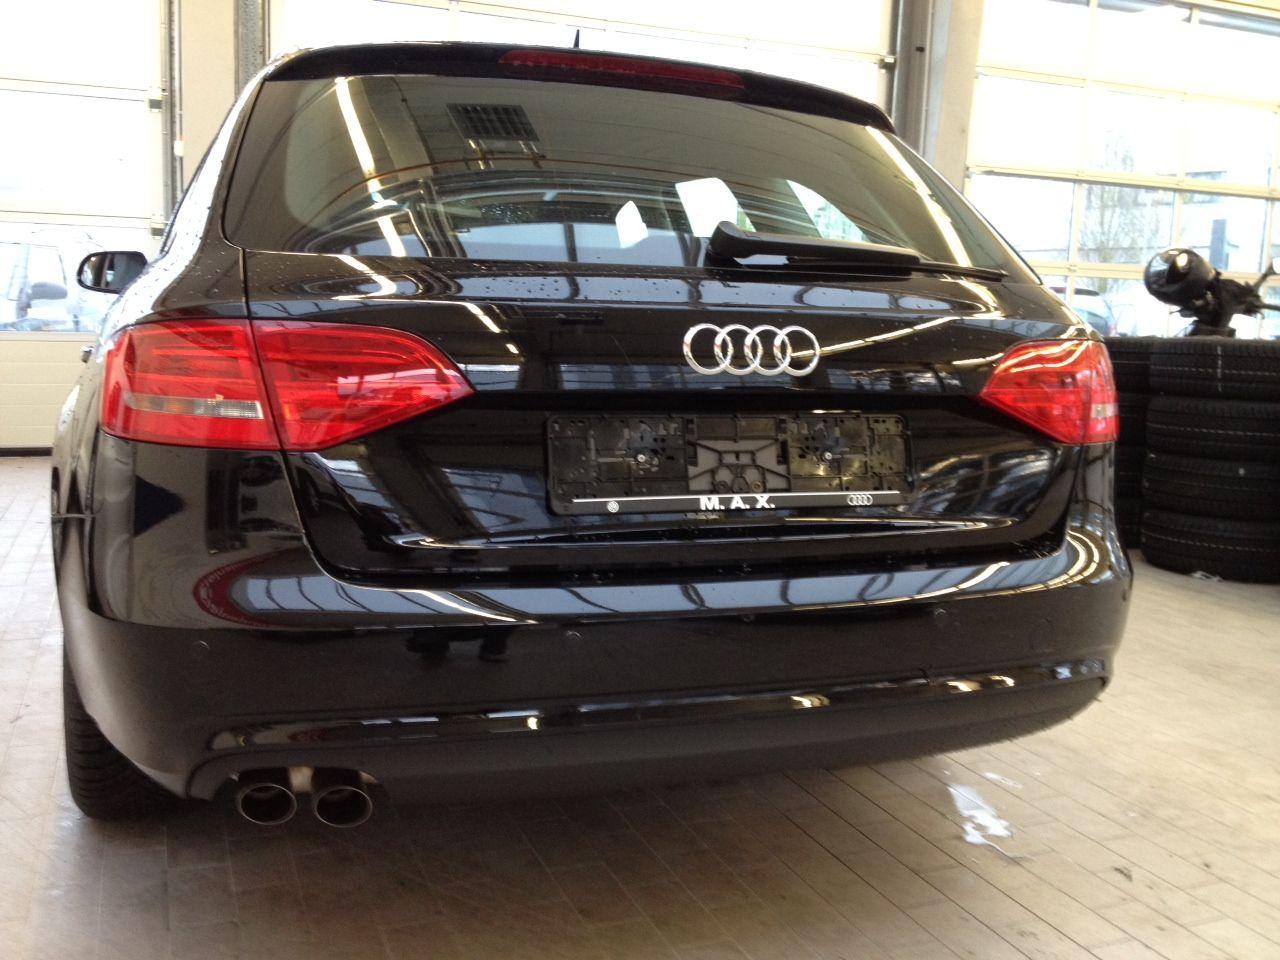 PDC Audi A4 rear